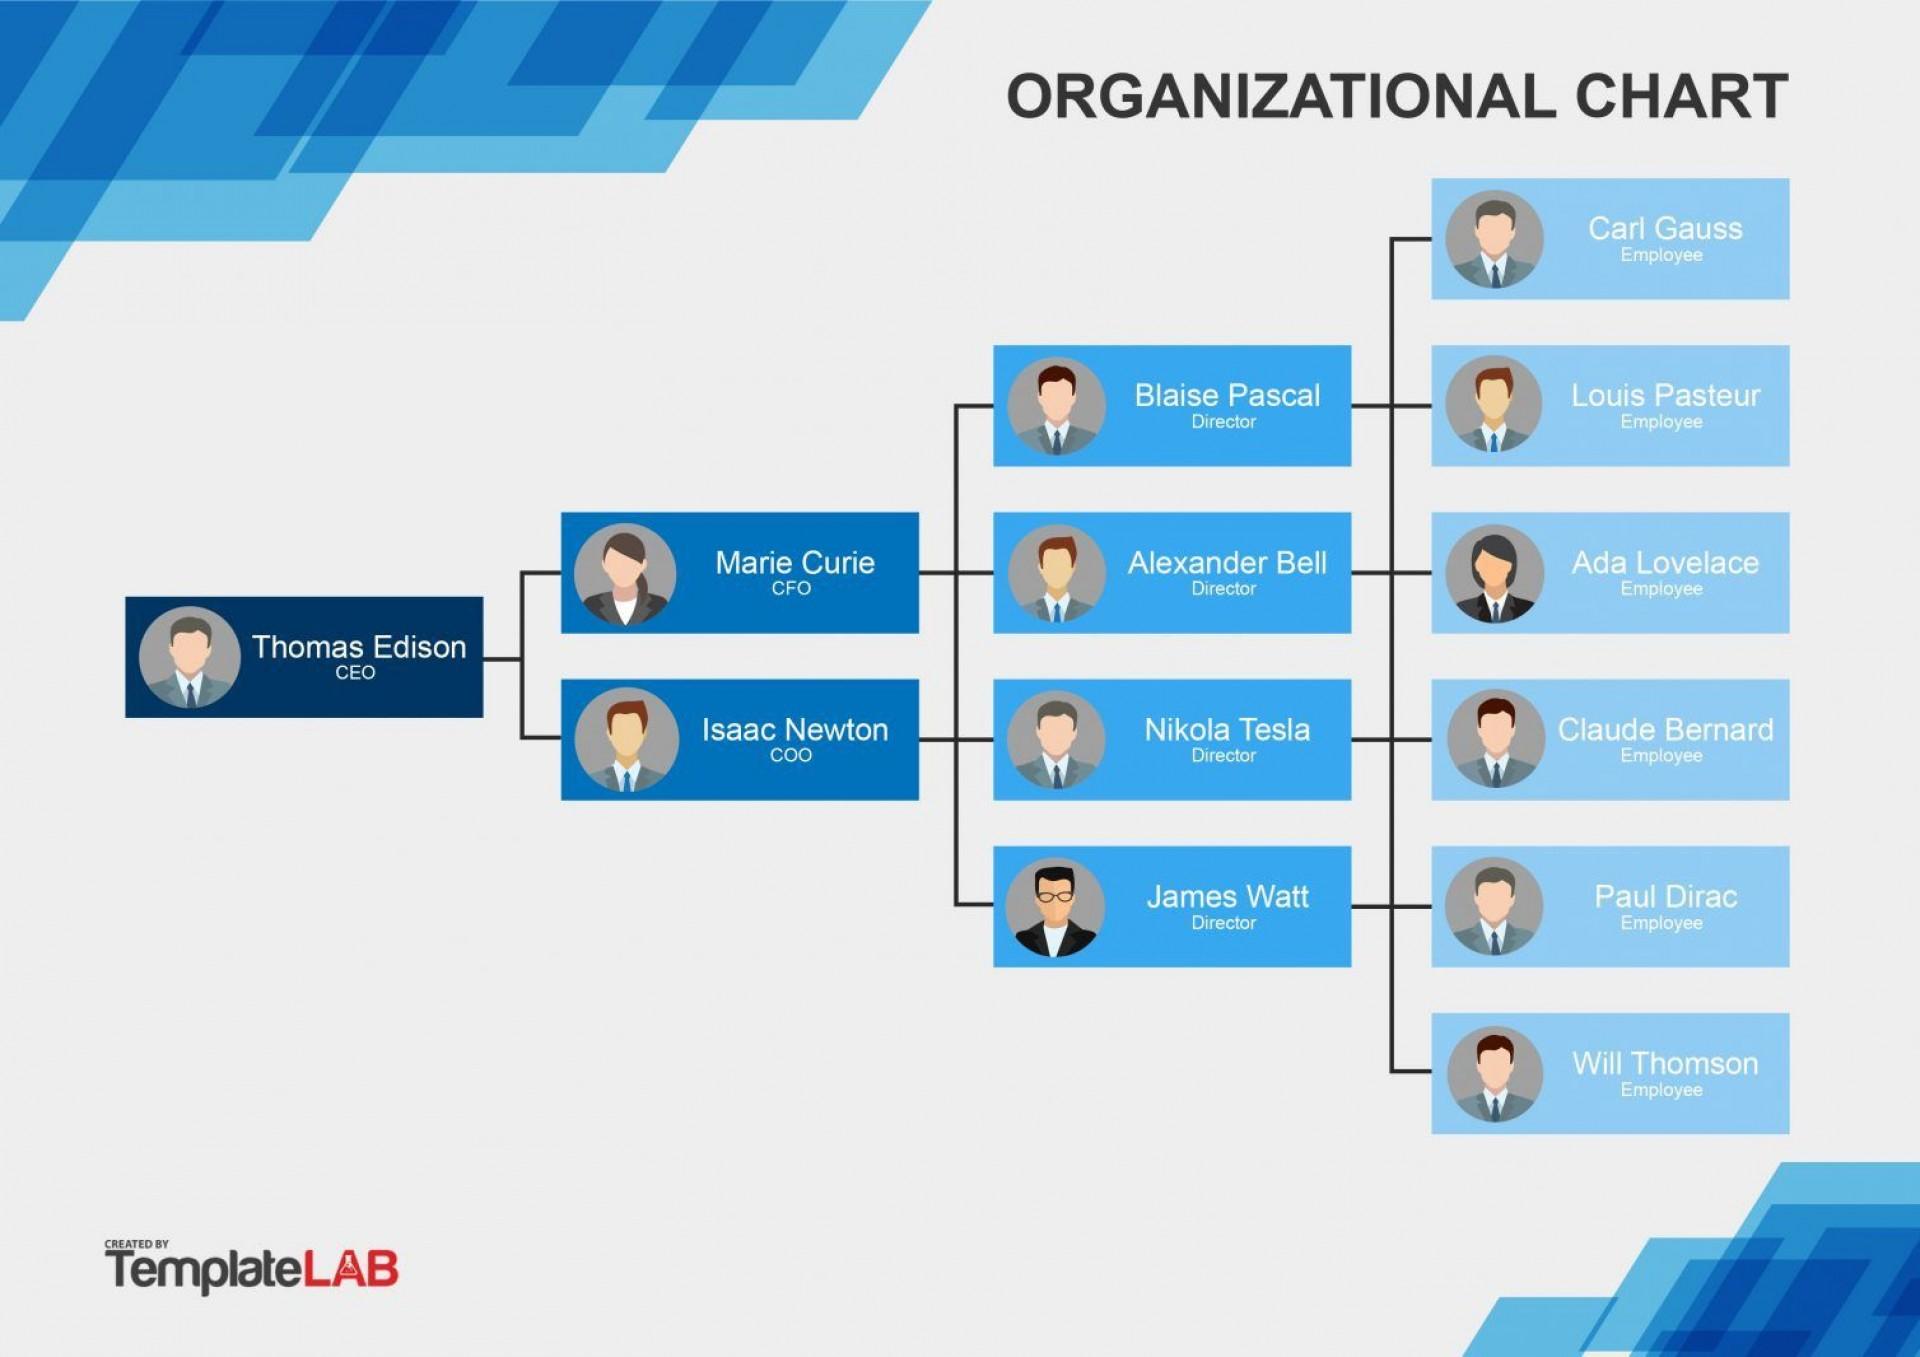 007 Beautiful Organization Chart Template Word 2013 Image  Organizational Free Microsoft1920